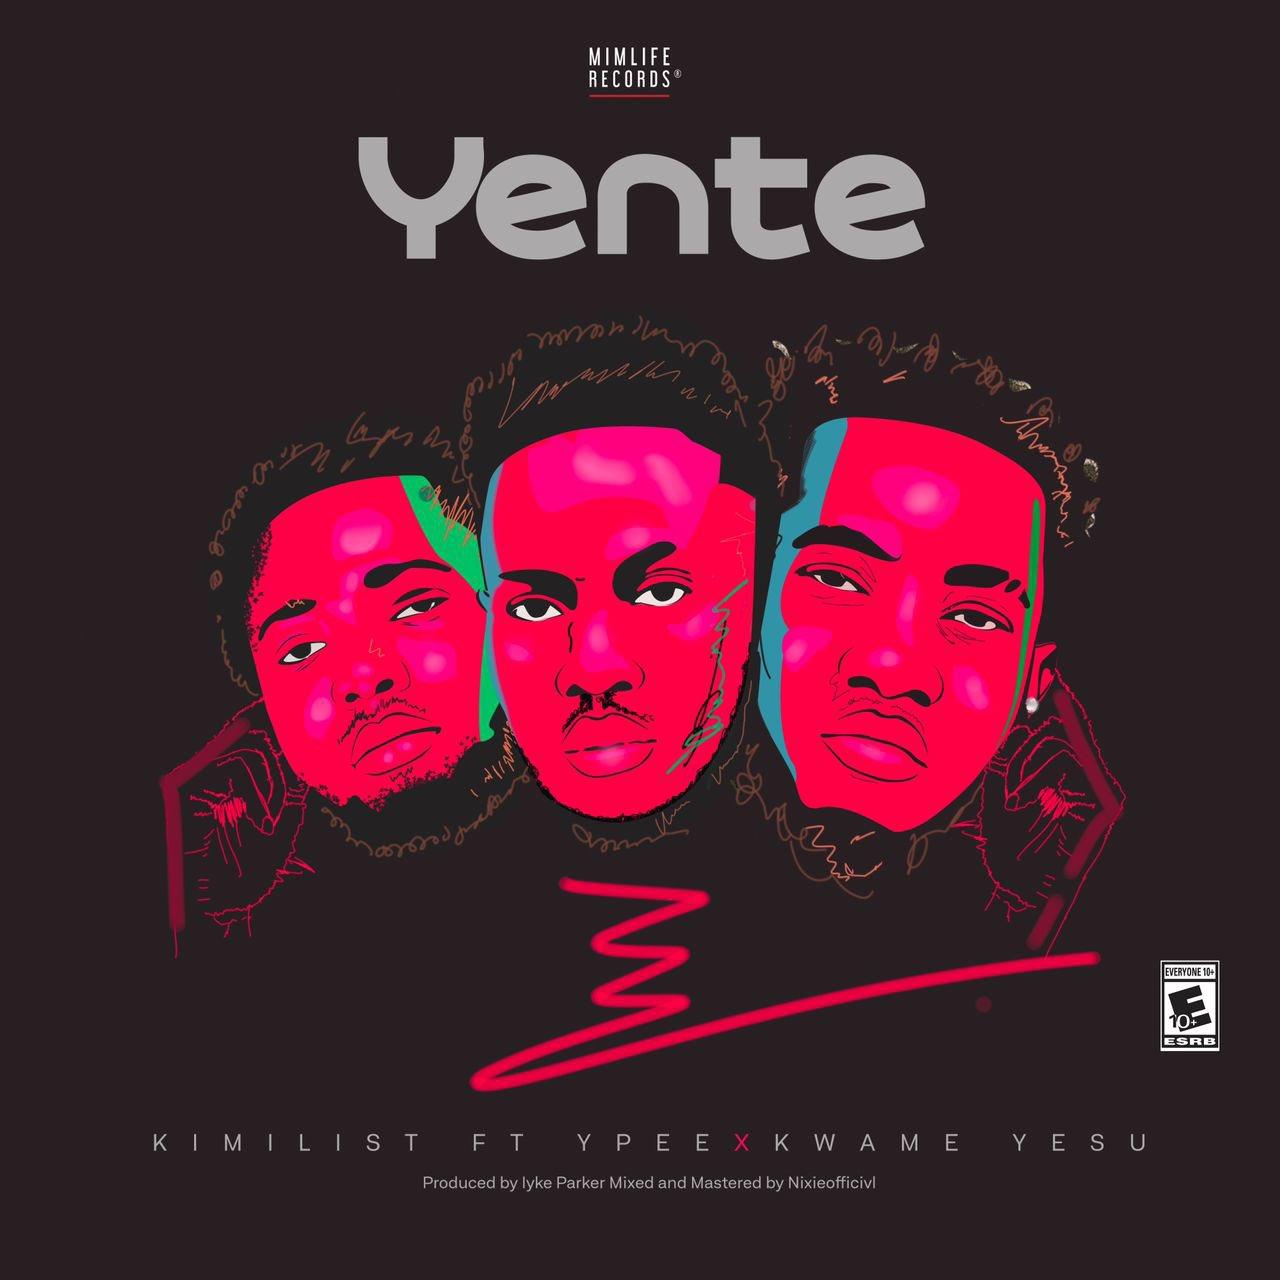 Kimilist - Yente Ft Ypee & Kwame Yesu (Prod. by Iyke Parker)